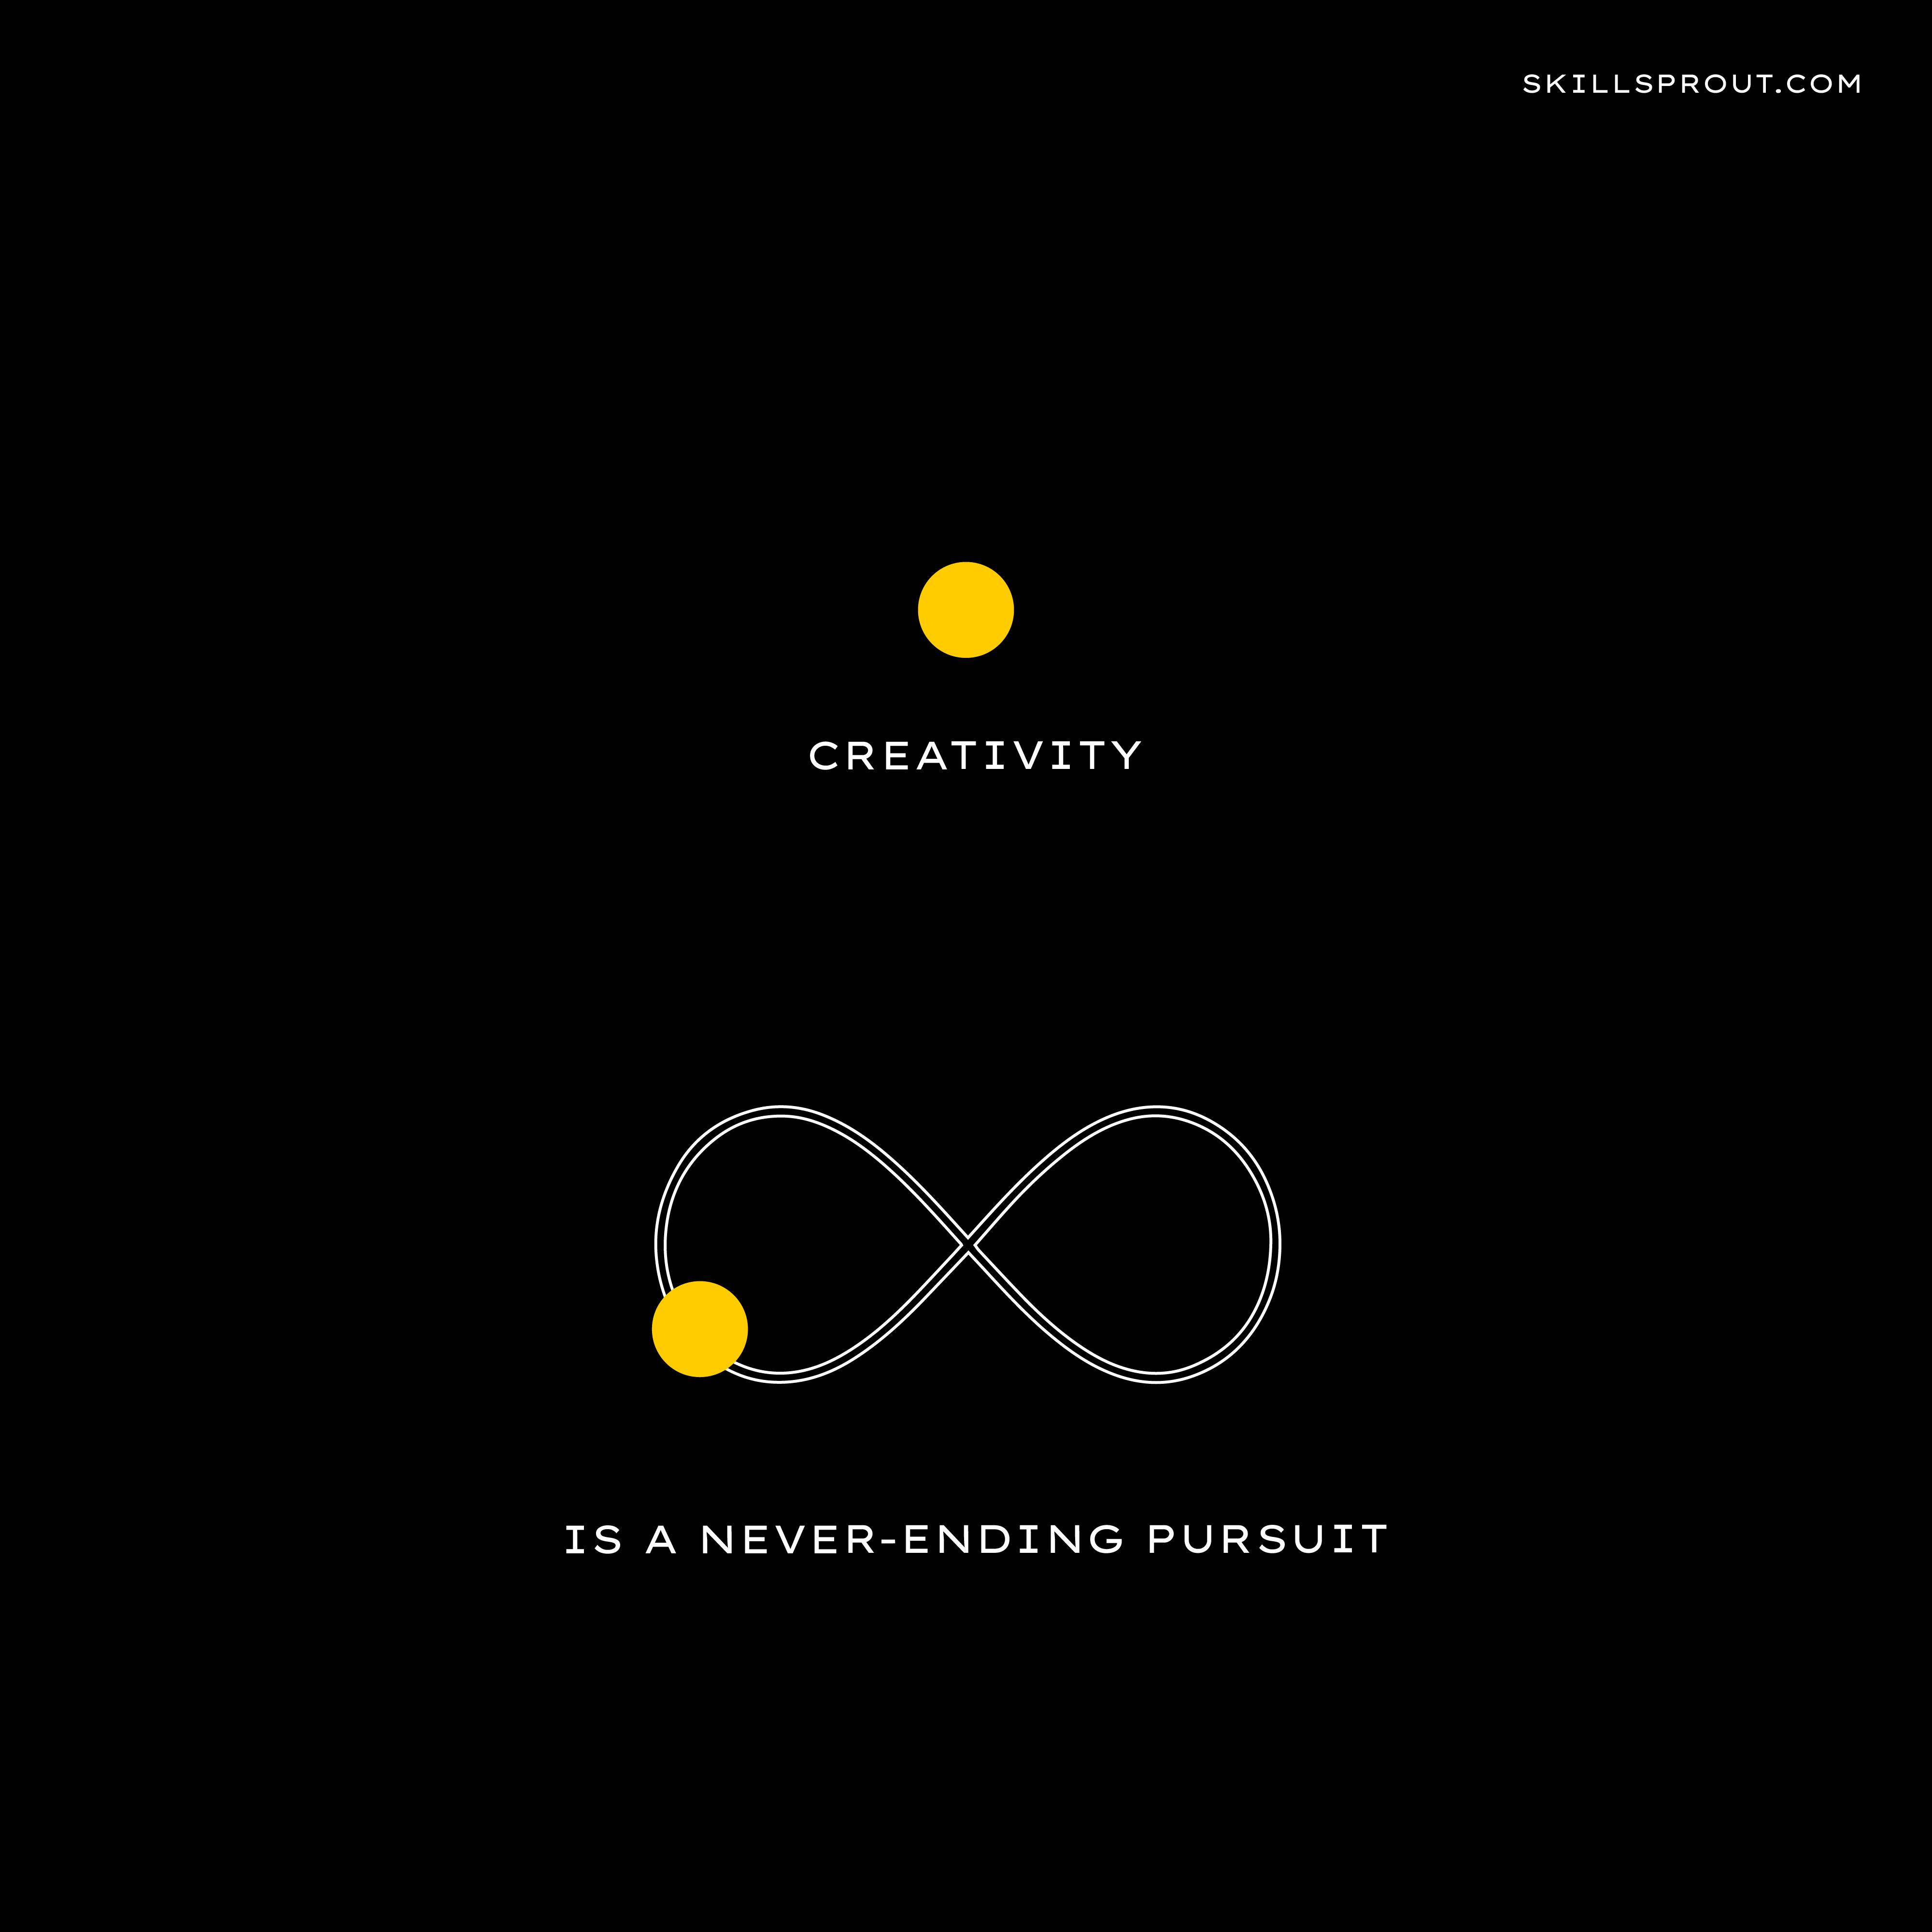 Creativity is a never-ending pursuit